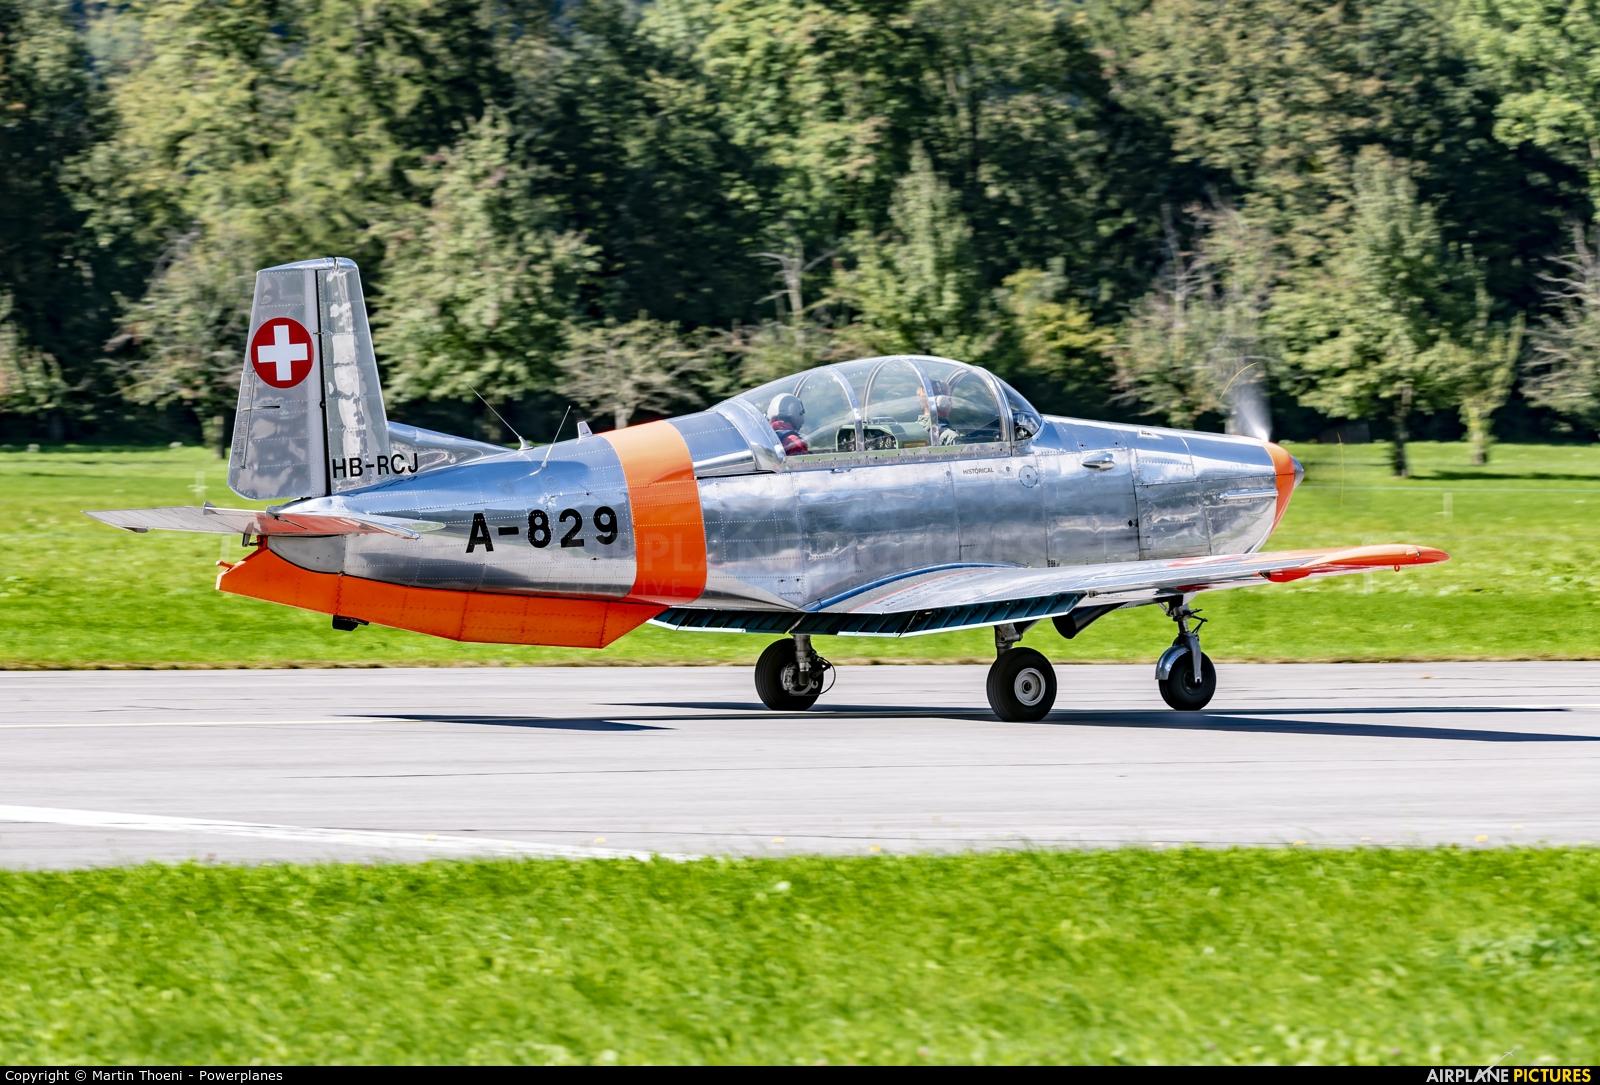 FFA Museum HB-RCJ aircraft at Mollis